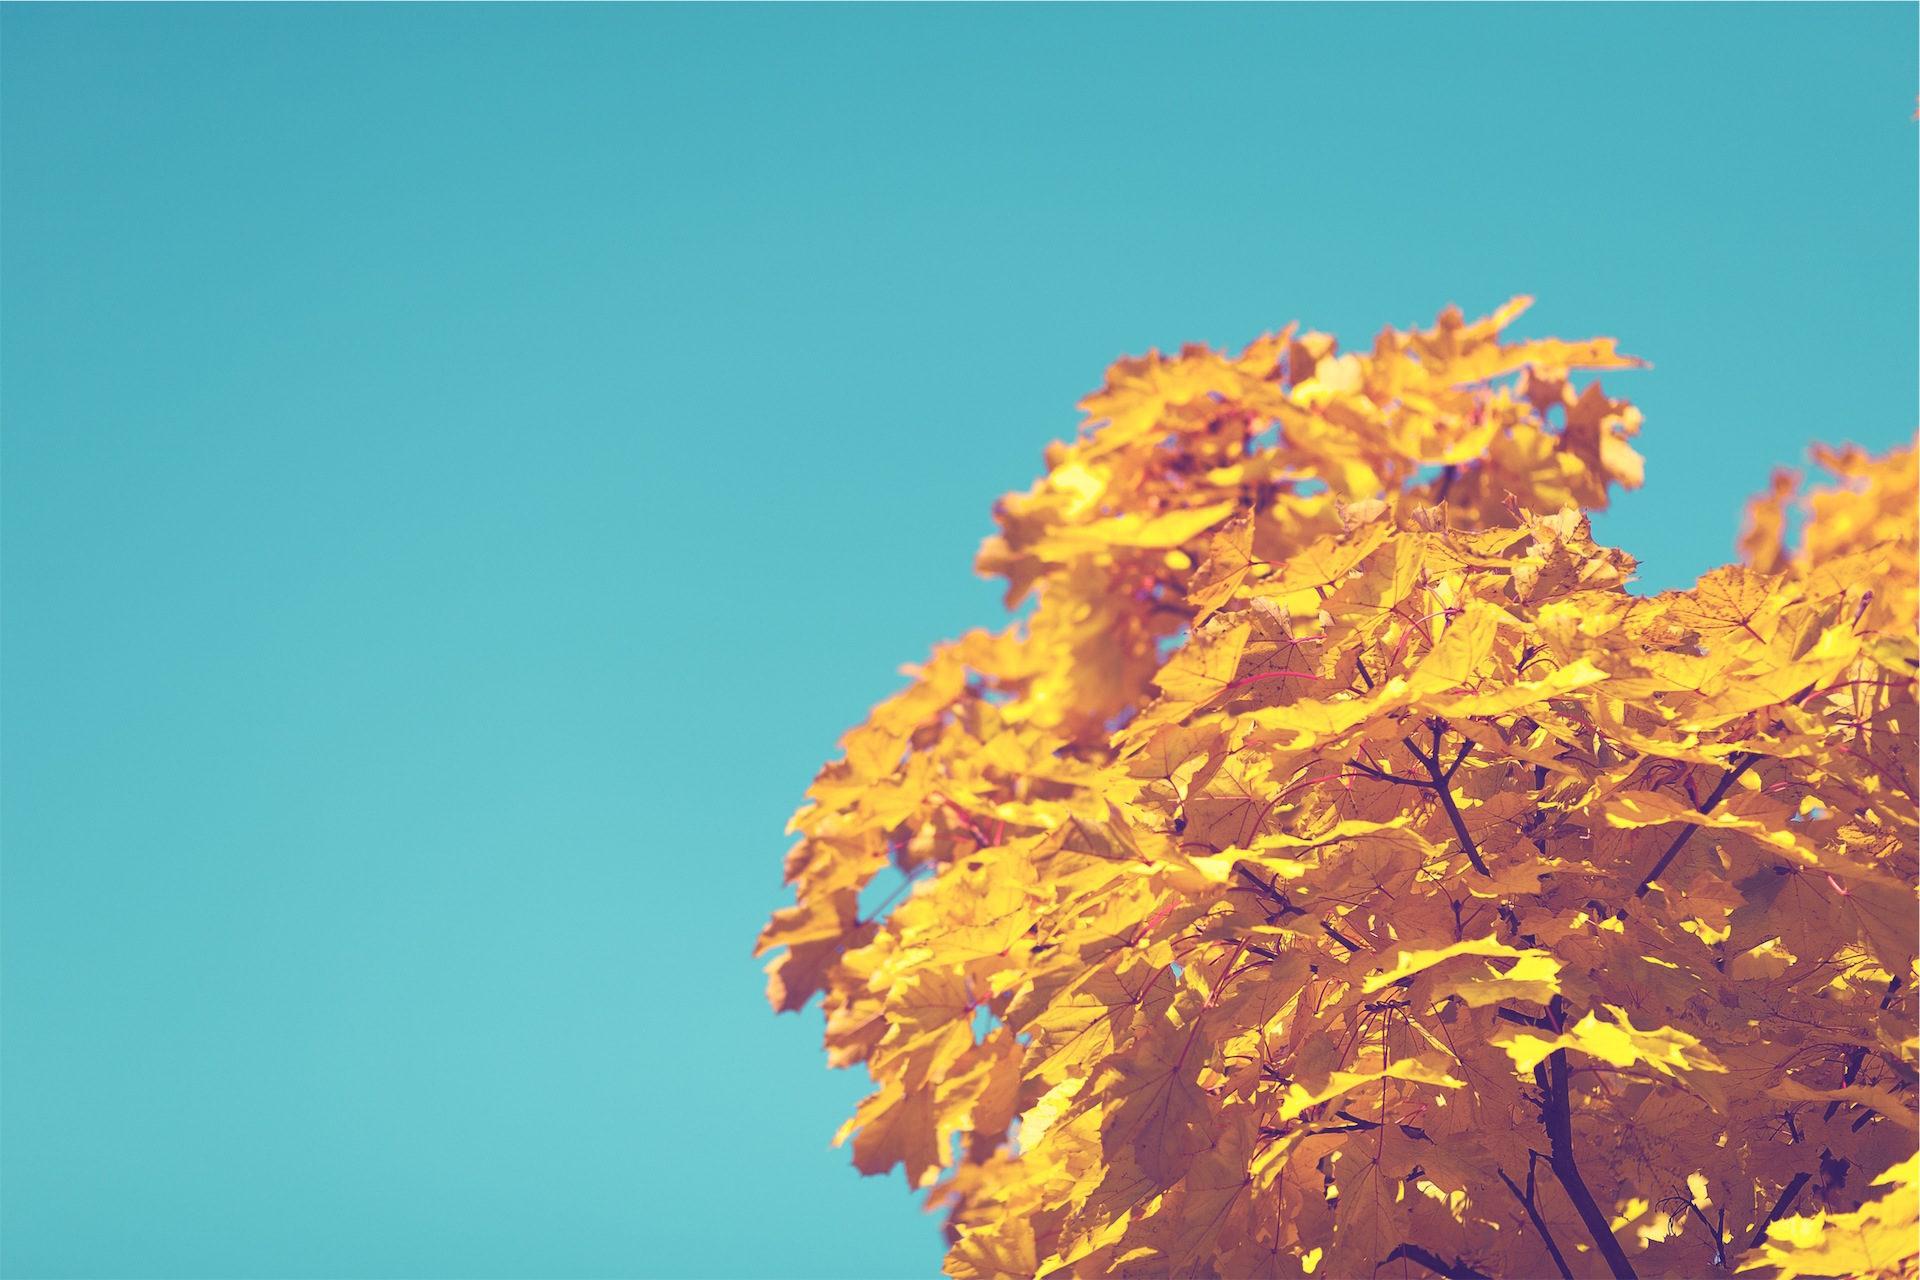 árbol, rama, hojas, secas, otoño - Fondos de Pantalla HD - professor-falken.com